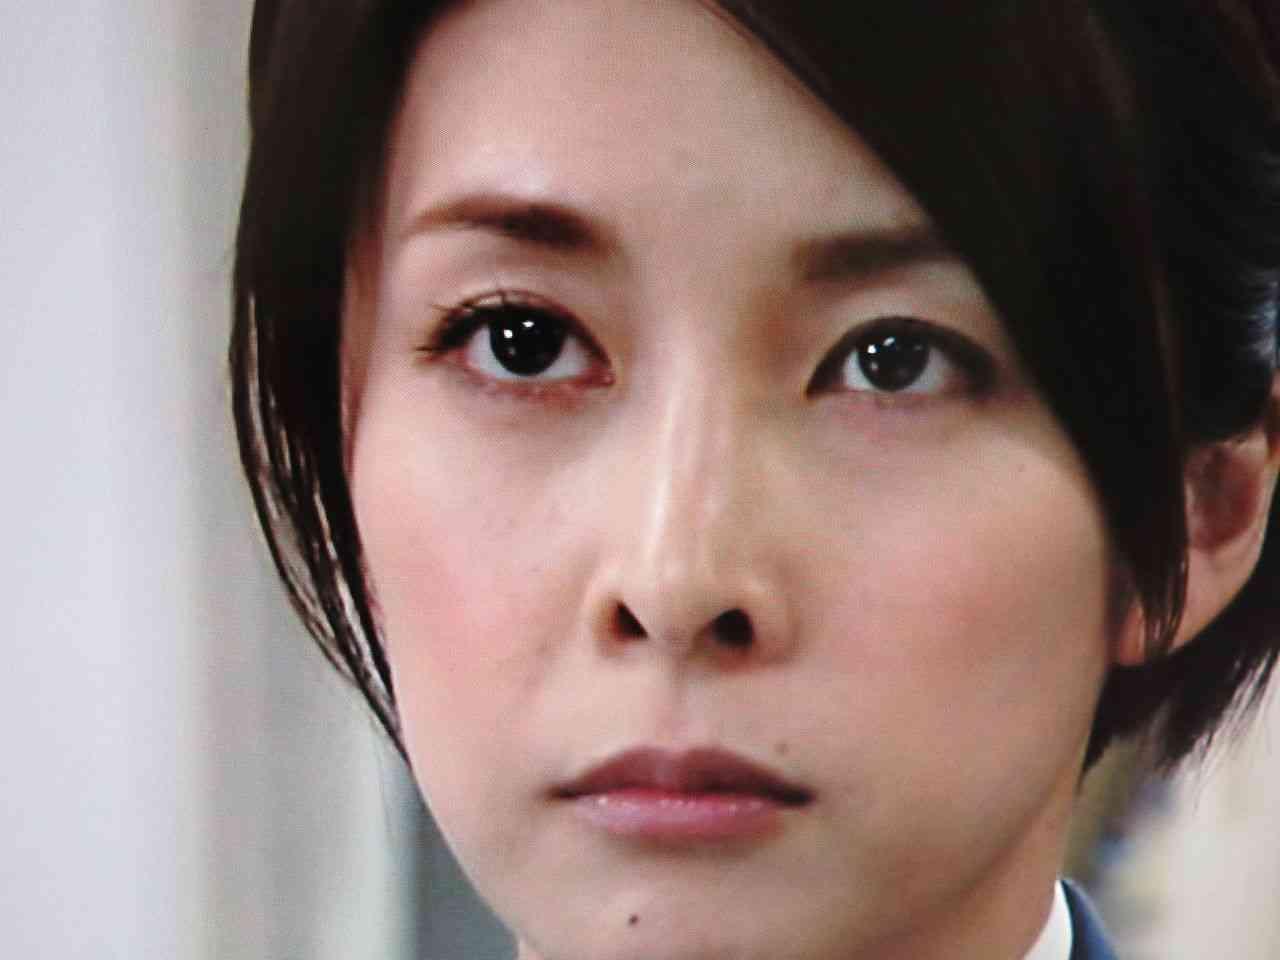 成人视频 - 【無】アジアンビューティ 成人 177